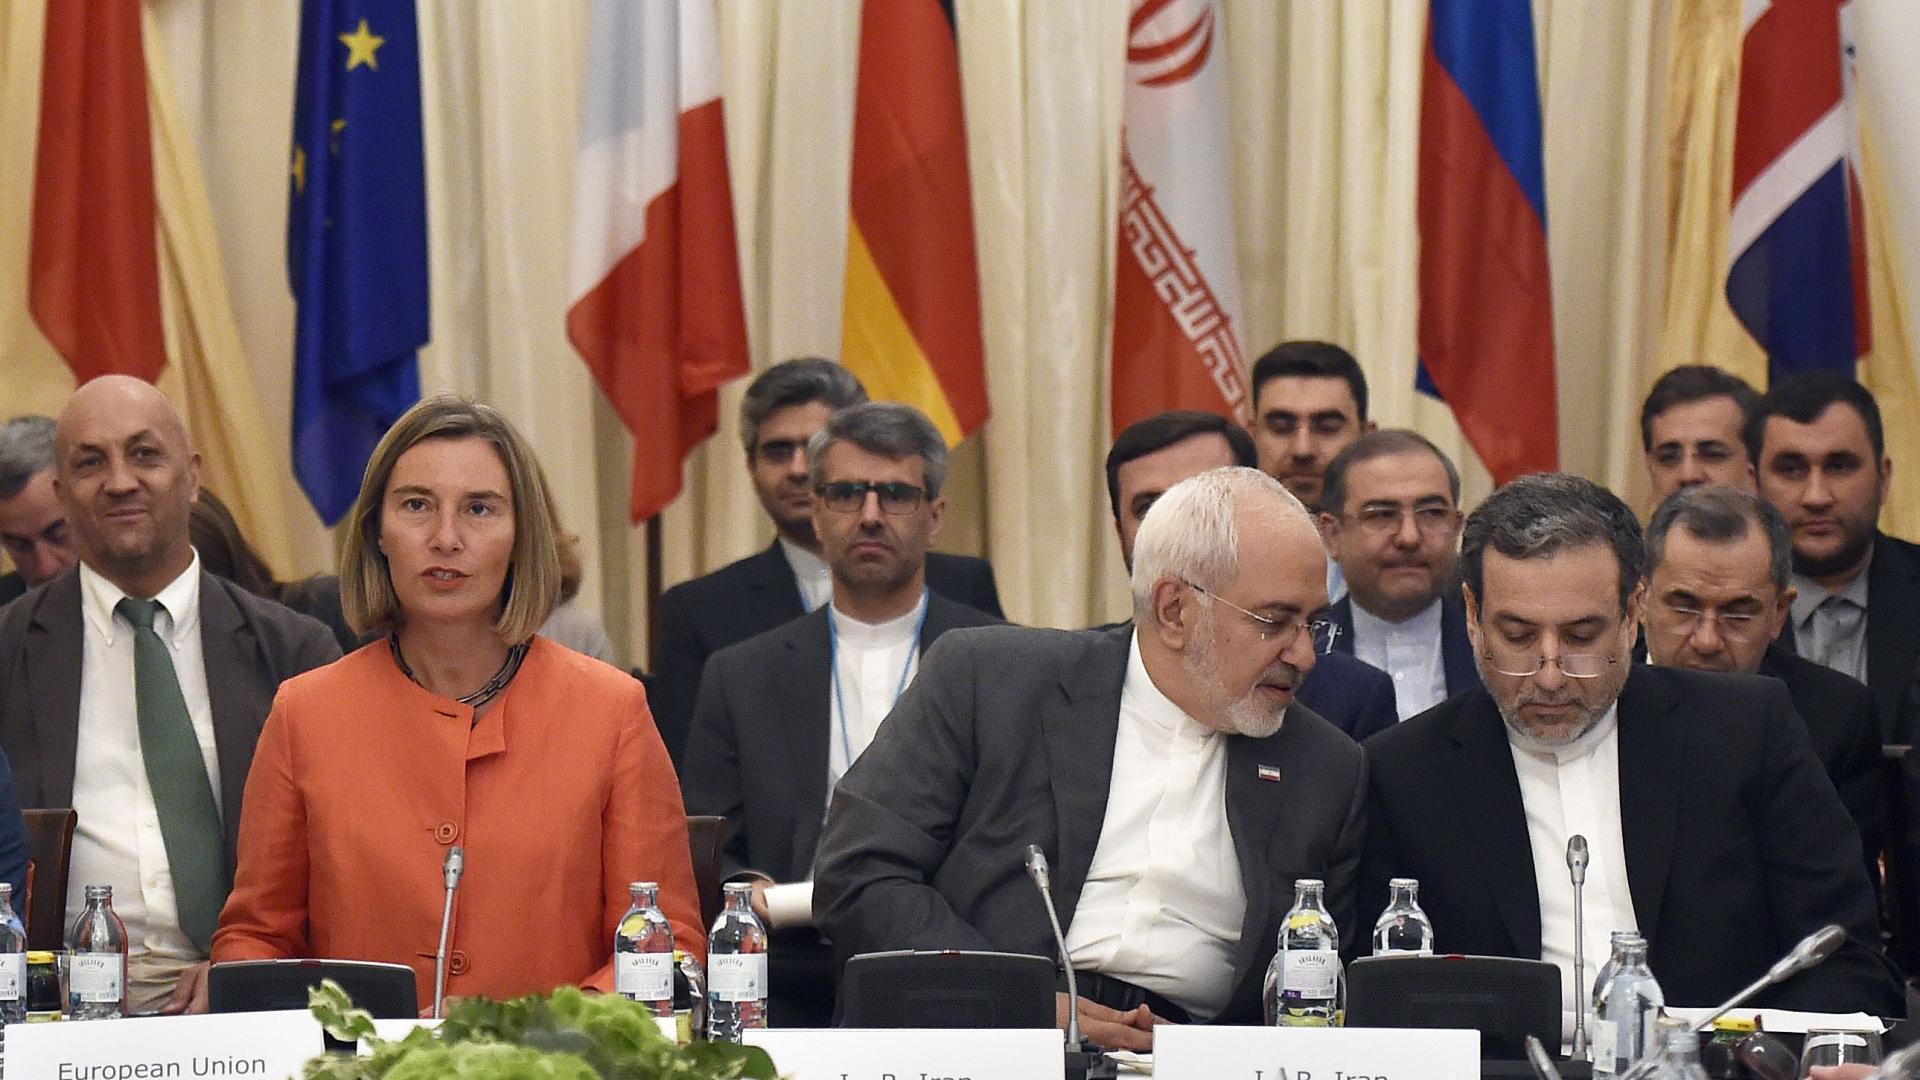 الاتحاد الأوروبي يطلق قناة مالية للتجارة مع إيران